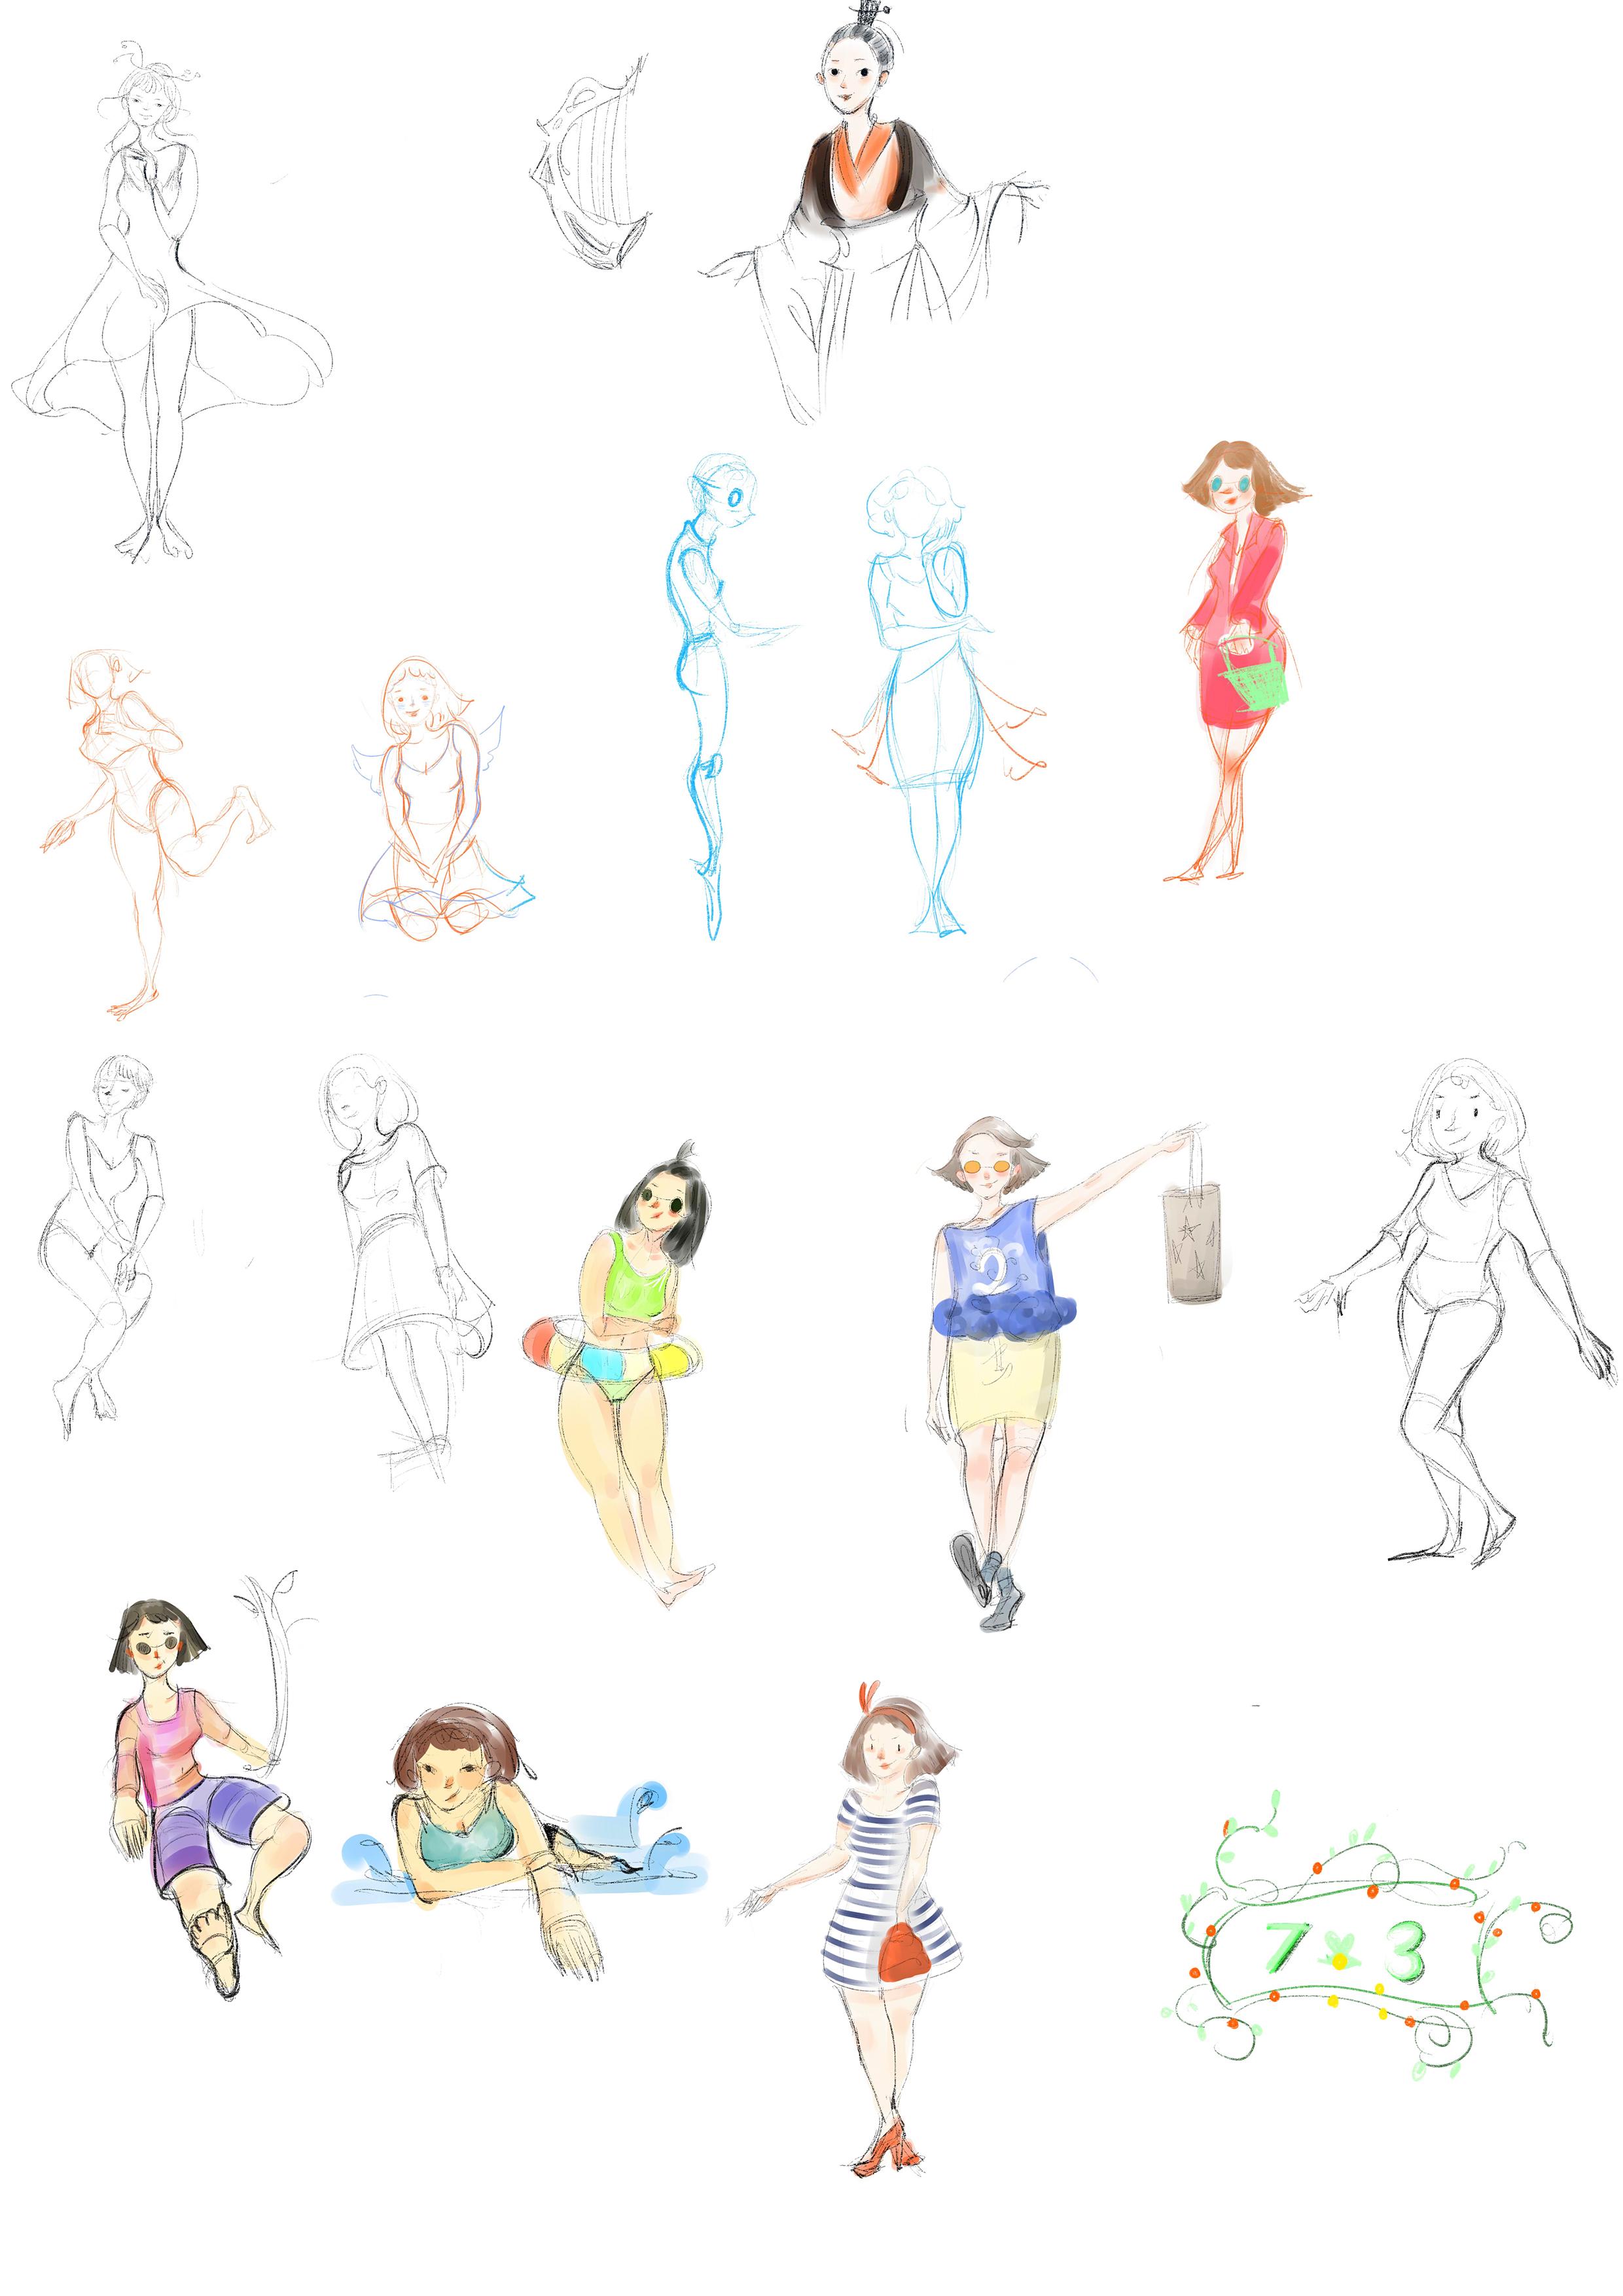 手绘板练习,用一个月来养成习惯.